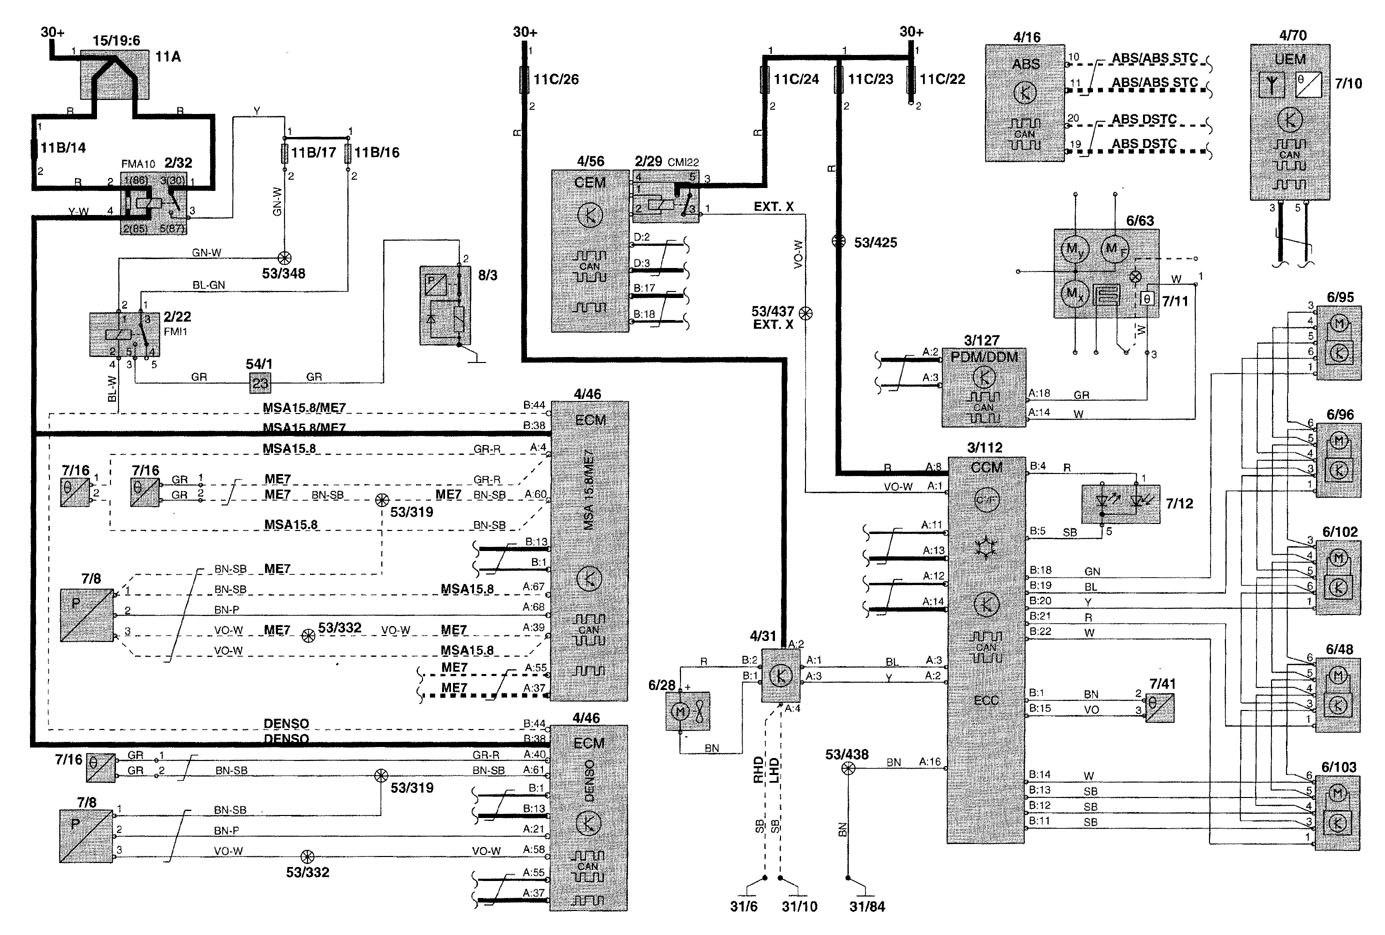 [DIAGRAM_38ZD]  Volvo V70 (2000) - wiring diagrams - heater - Carknowledge.info | Denso Heater Wiring Diagram |  | Carknowledge.info